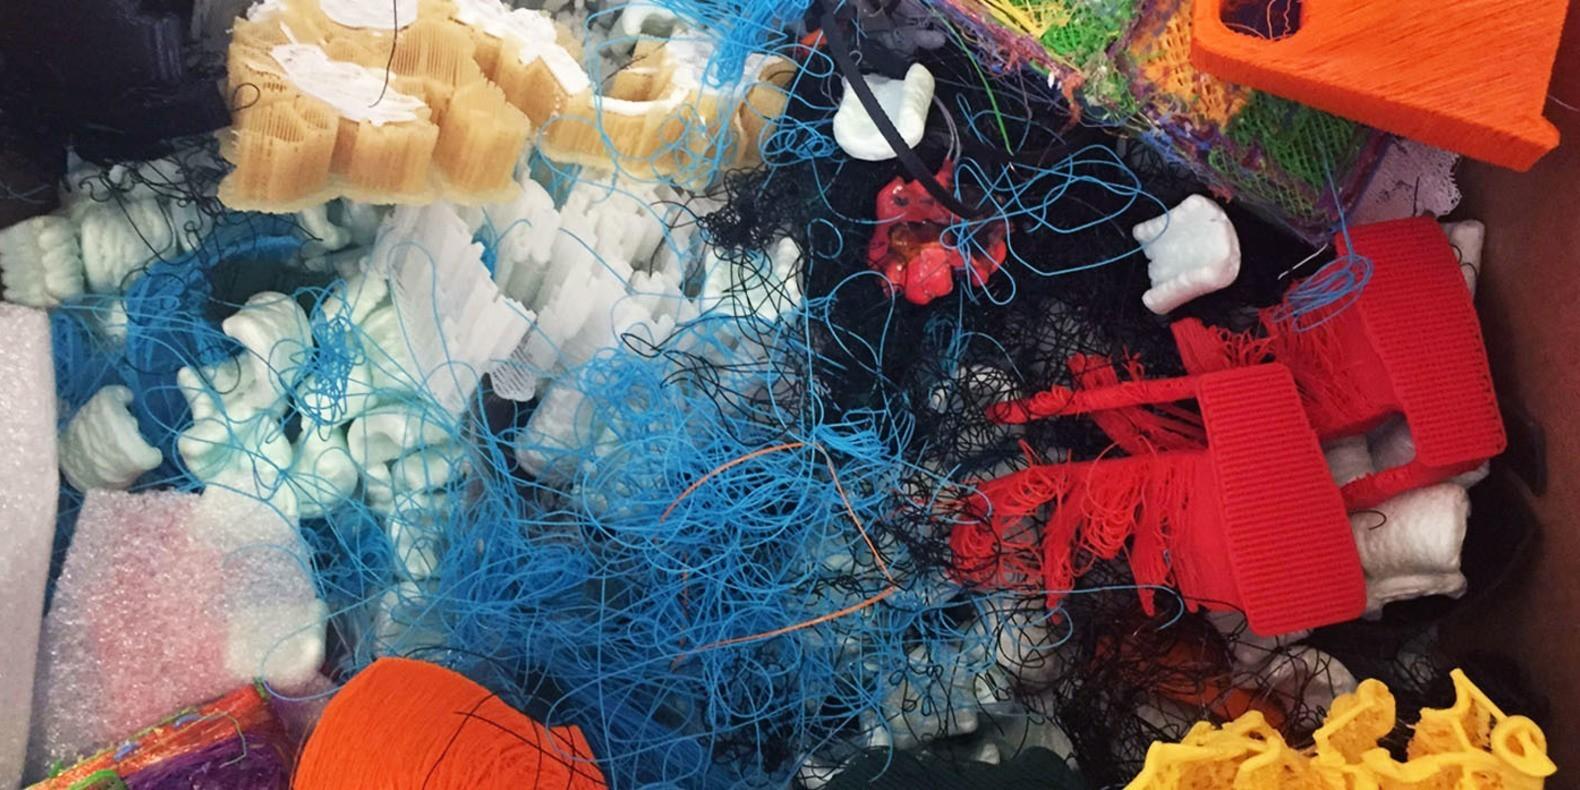 Comment recycler ou réutiliser ses impressions 3D ratées (fail prints) ?